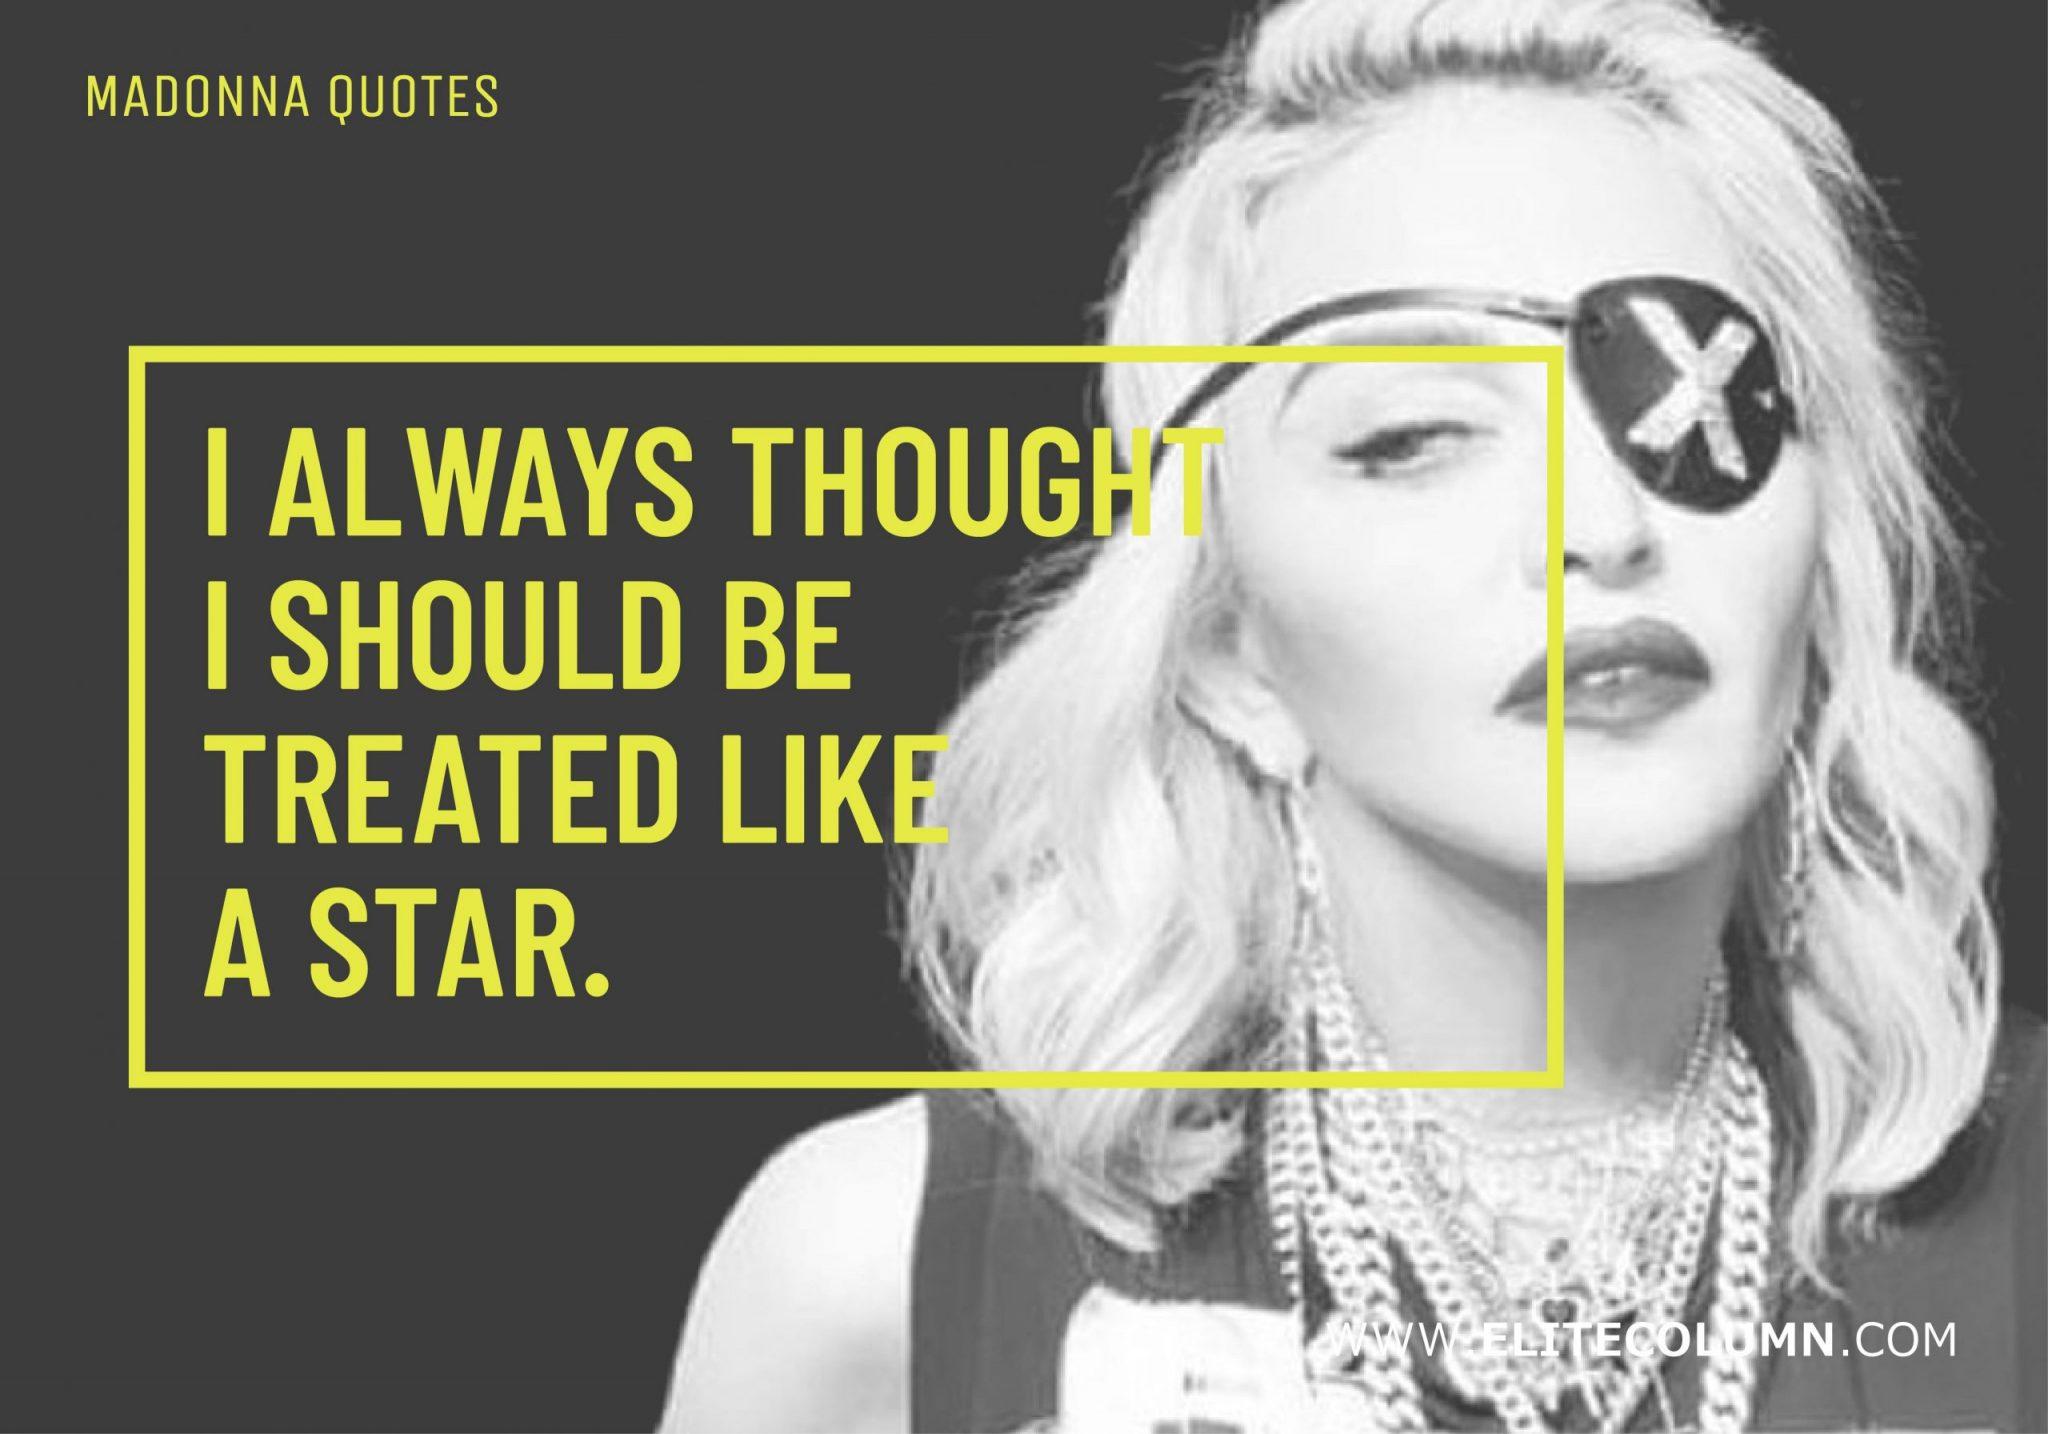 Madonna Quotes (9)